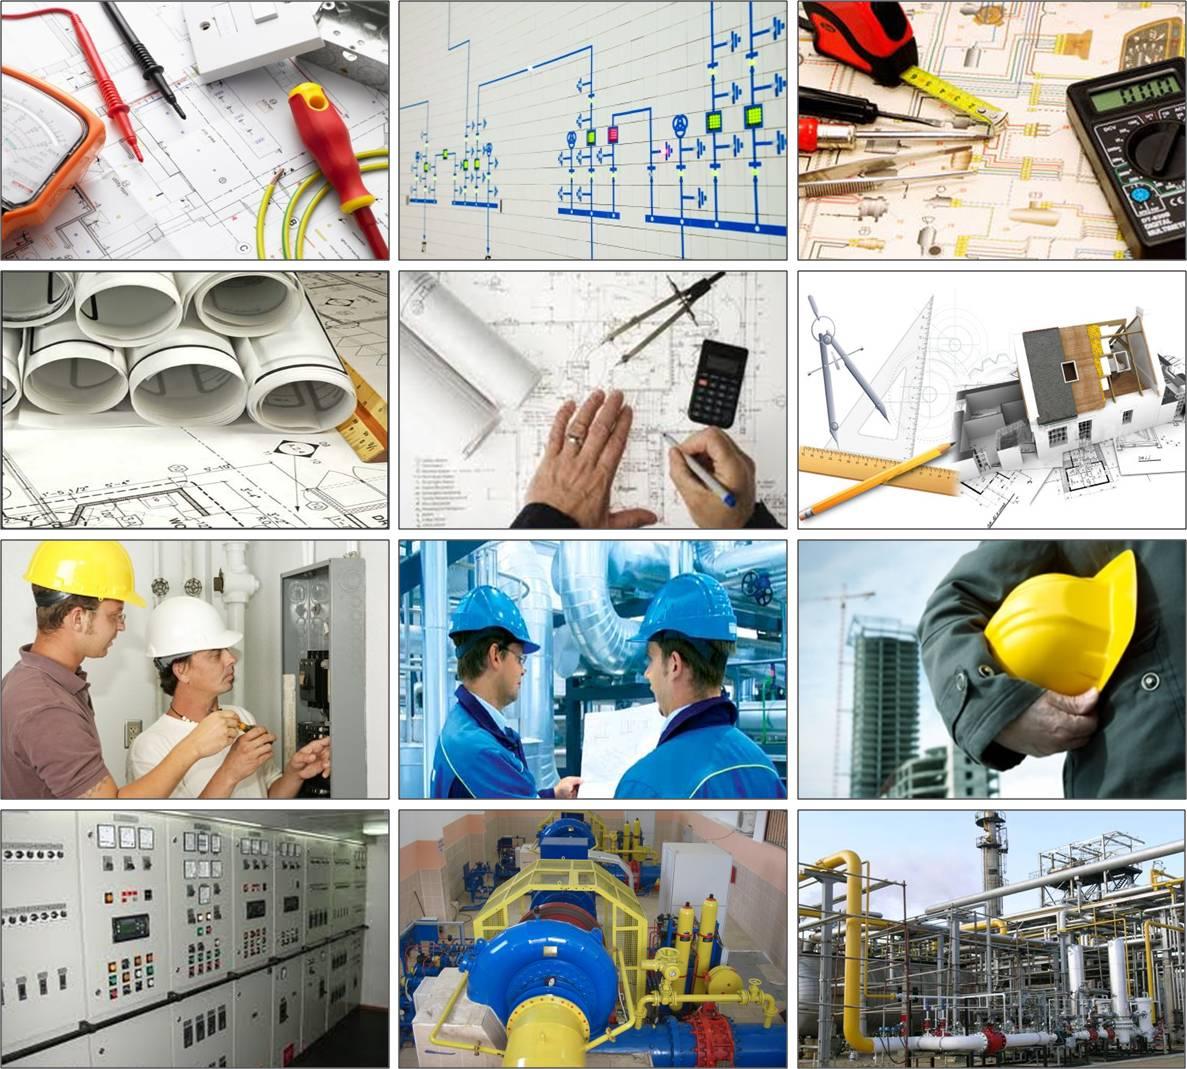 ataşehirde elektrikçi hizmetleri veren firmamız , en uygun,ucuz ve en yakın Kaliteli elektrikçi ustaları ile profesyonel hizmet veren bir fimadır.